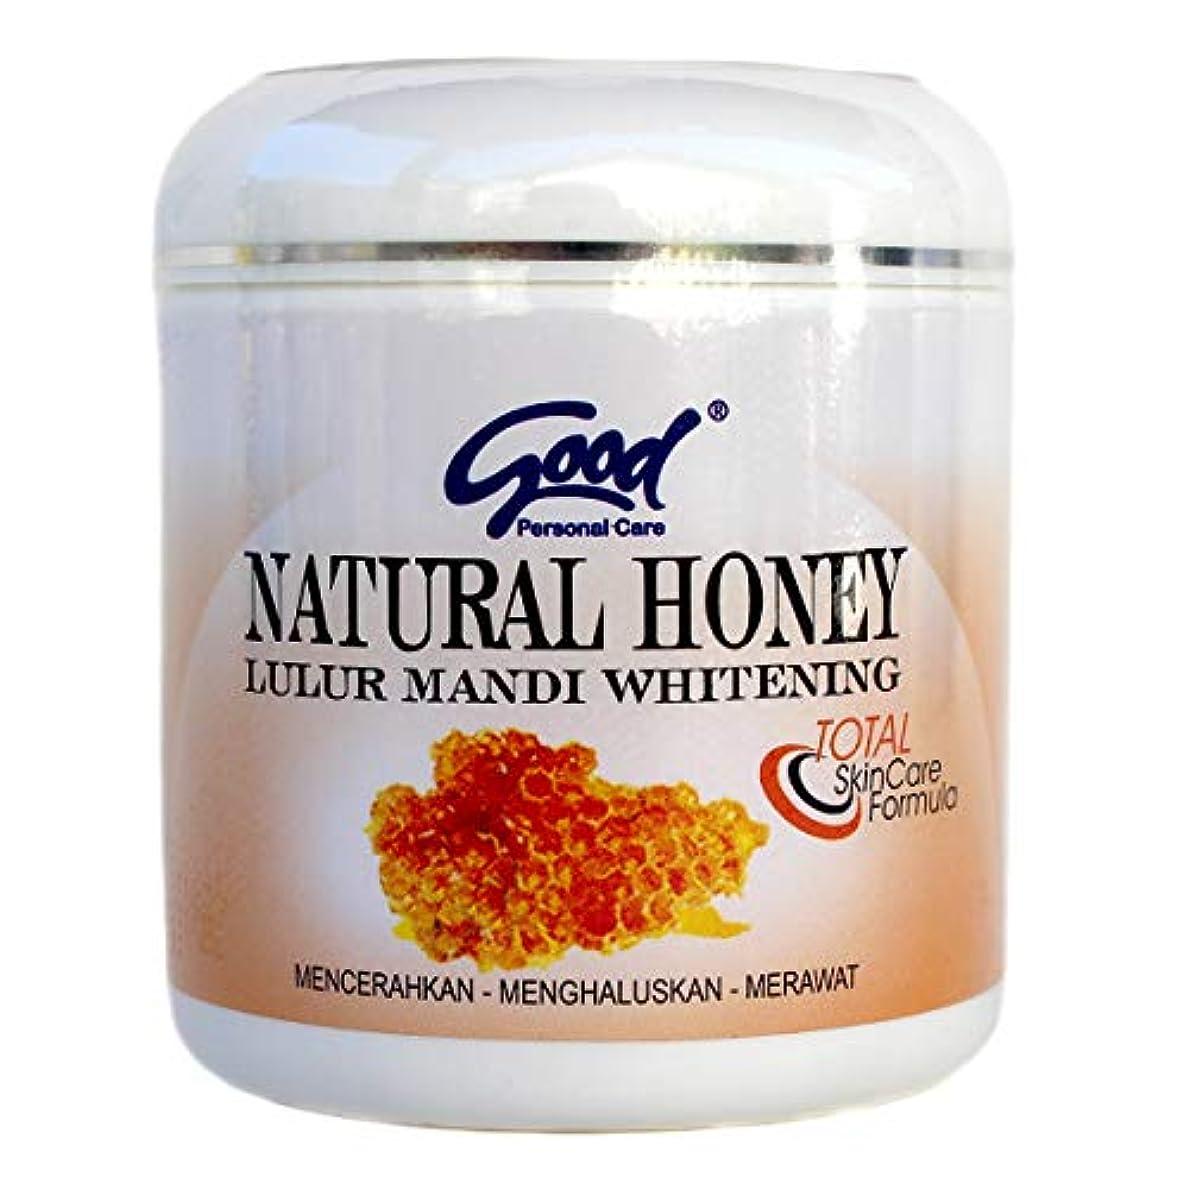 柱教える週間good グッド インドネシアバリ島の伝統的なボディスクラブ Lulur Mandi マンディルルール 200g Natural Honey ナチュラルハニー [海外直送品]